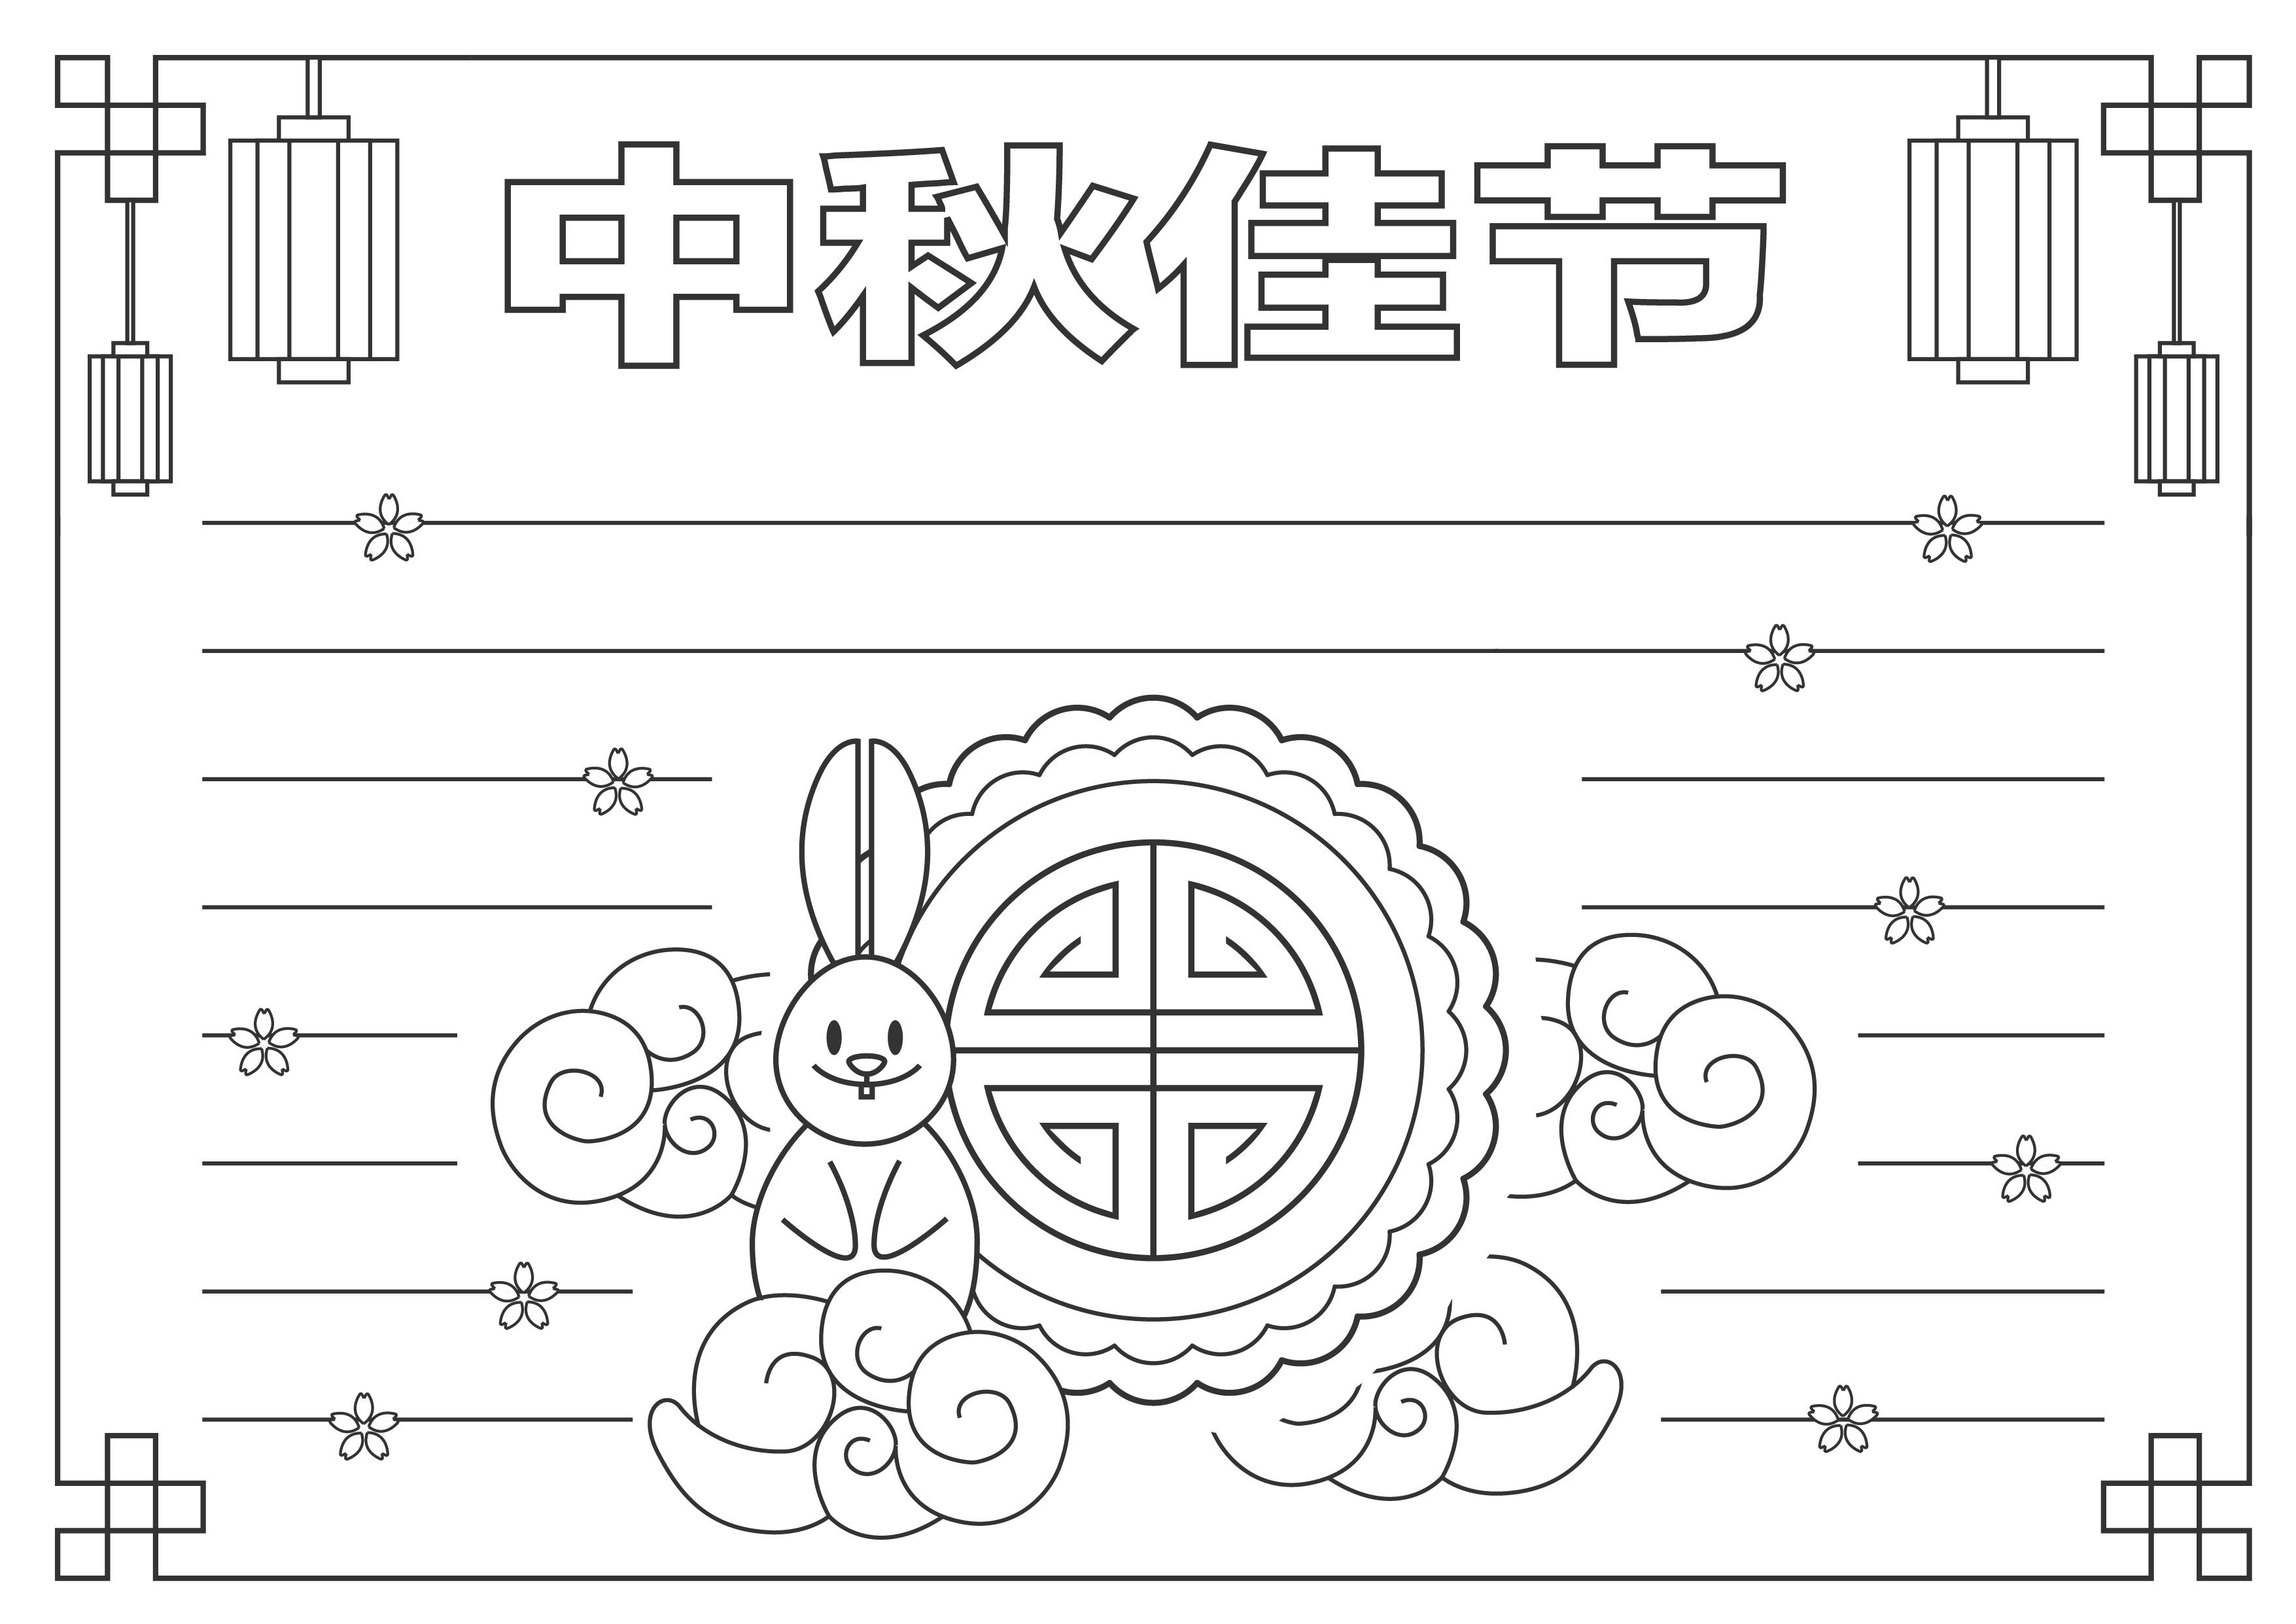 2020年中秋节校园手抄报图片简单漂亮模版大全(四):中秋佳节